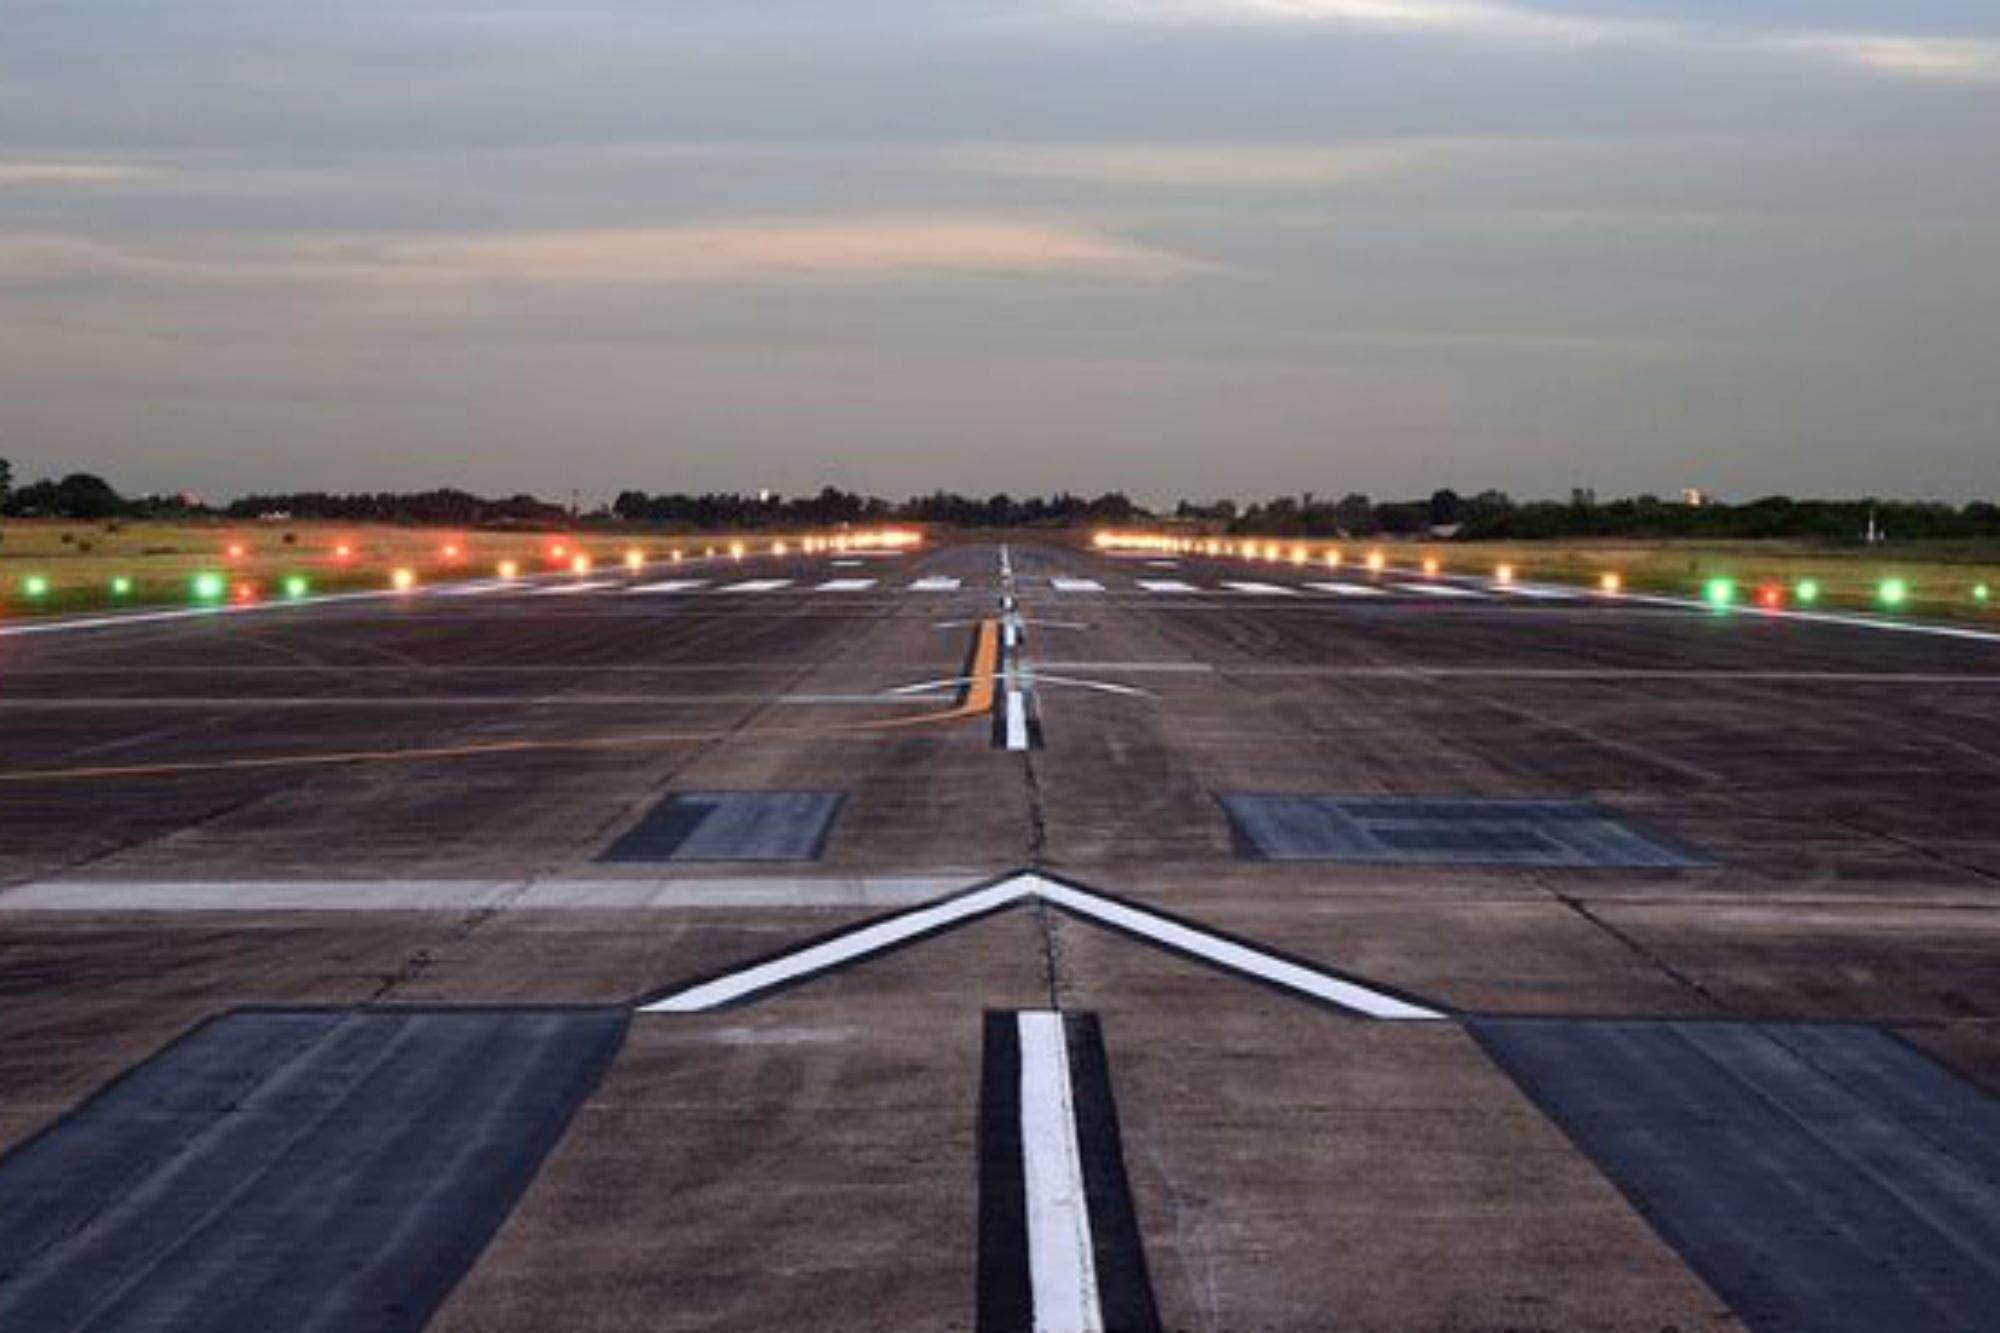 El Palomar: renovaron la tecnología en el aeropuerto para evitar cancelaciones